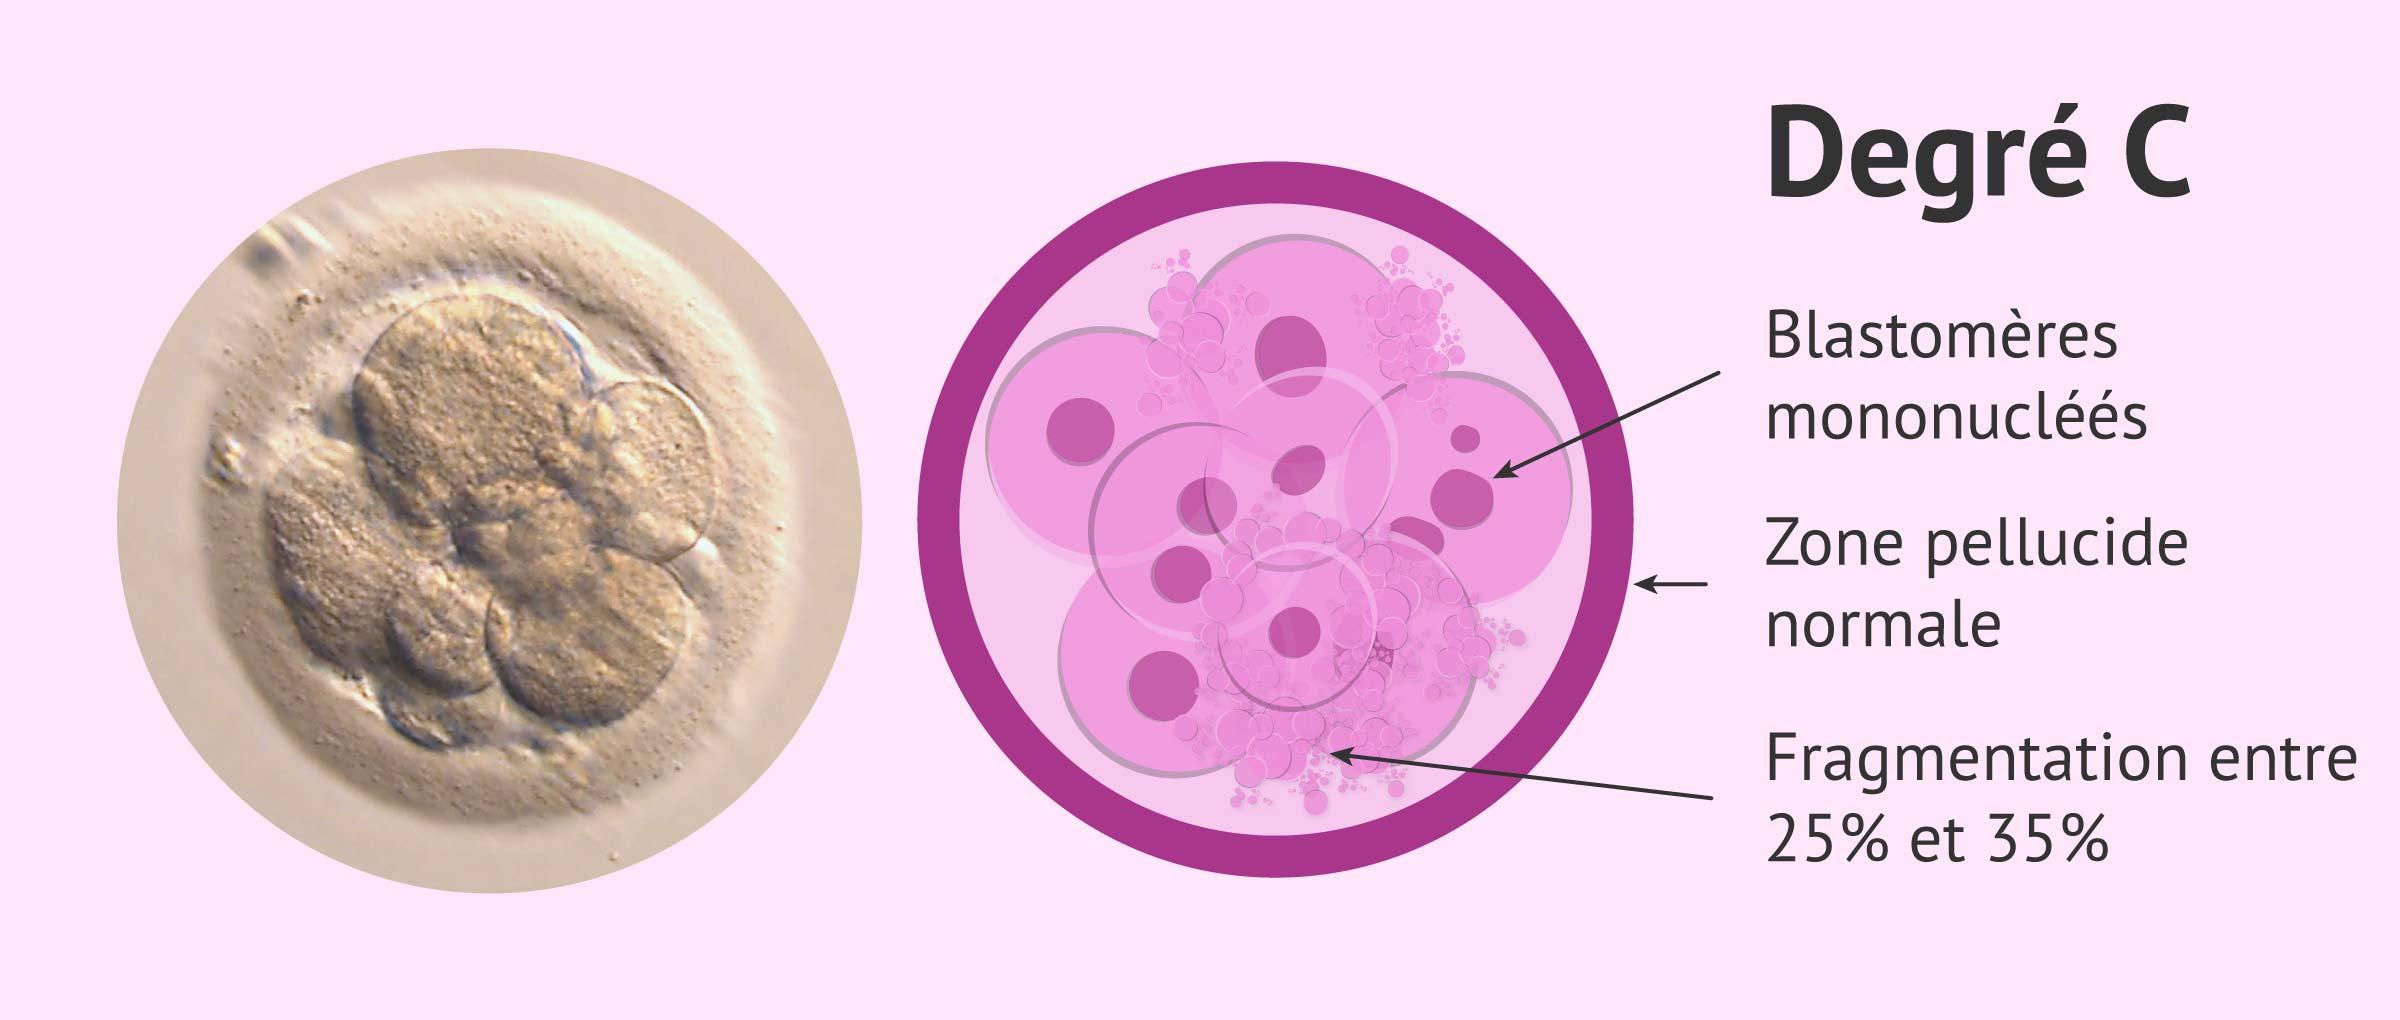 Imagen: Embryon qualité C